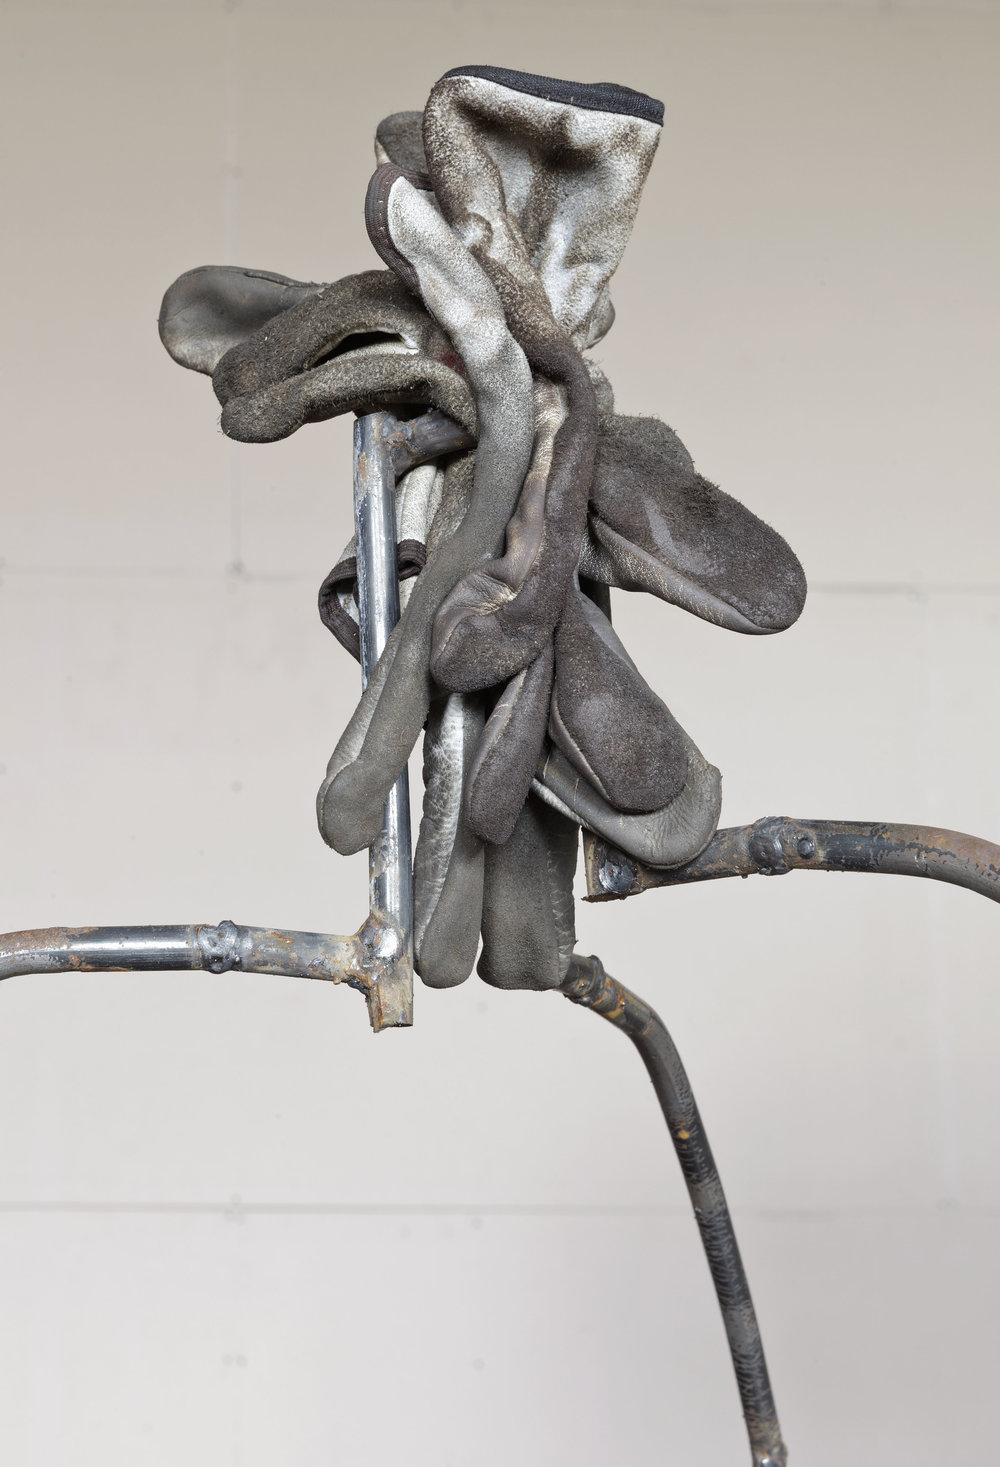 Altrove / Figura opulenta  (particolare) 2017 - Tondino di ferro, guanti e sgabello - cm 115x85x100